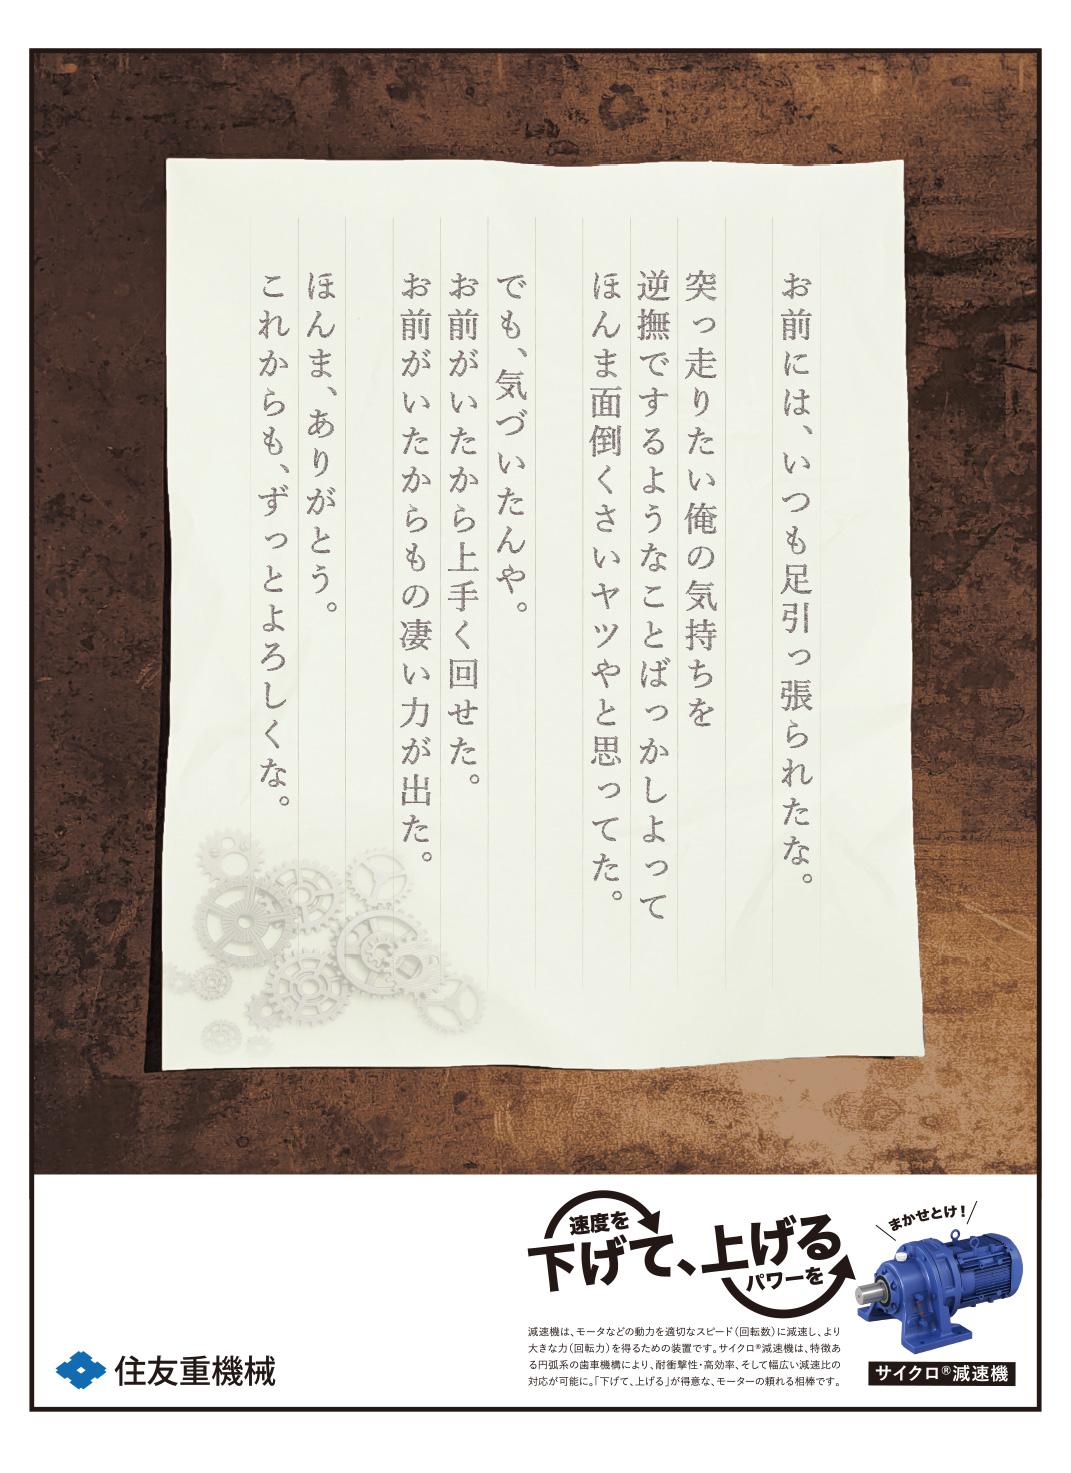 第6回「日本学生BtoB新聞広告大賞」で銀賞と審査委員会特別賞等を受賞しました